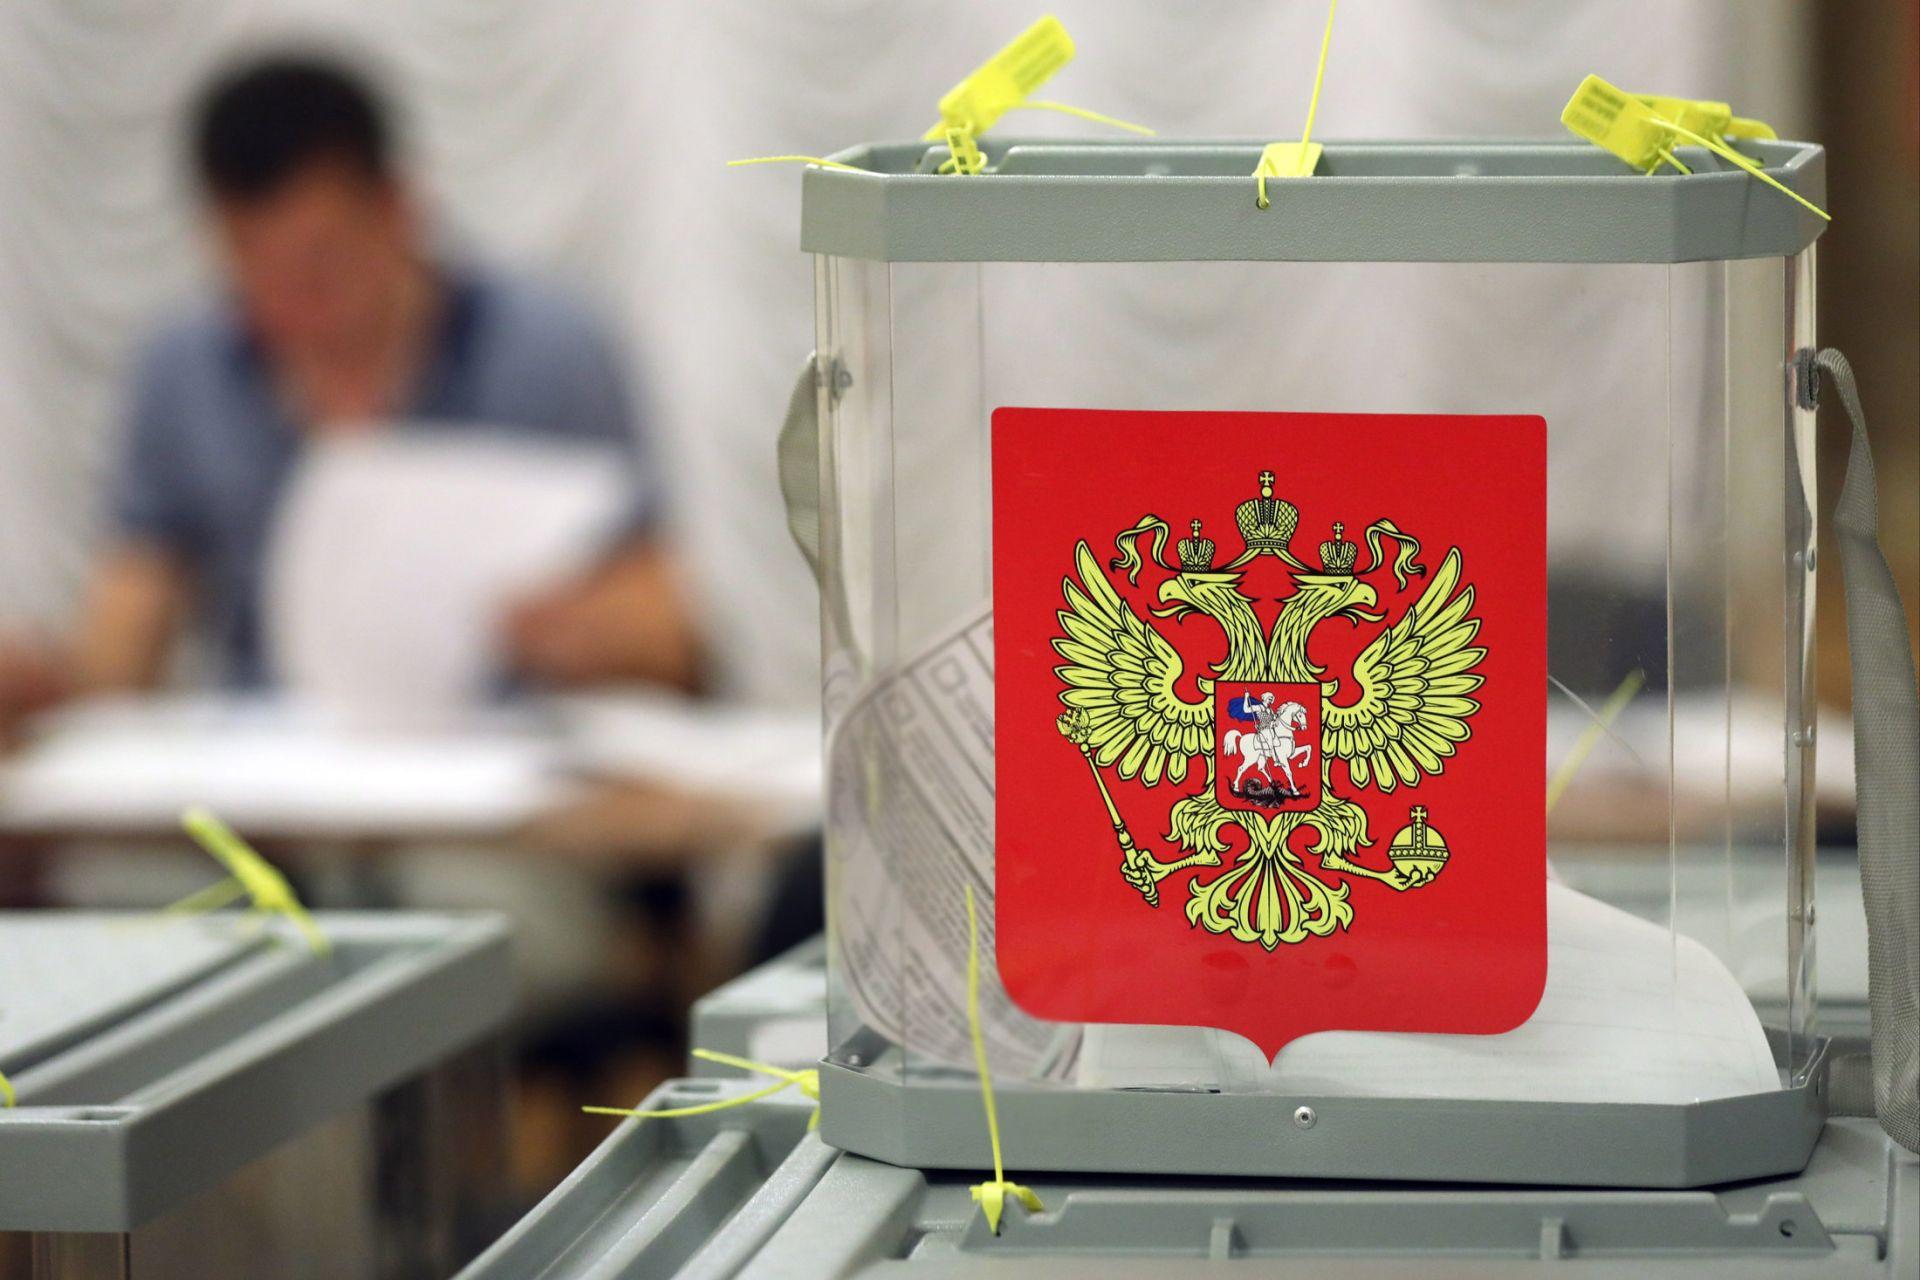 25 июня в России начнется голосование о поправках в Конституцию